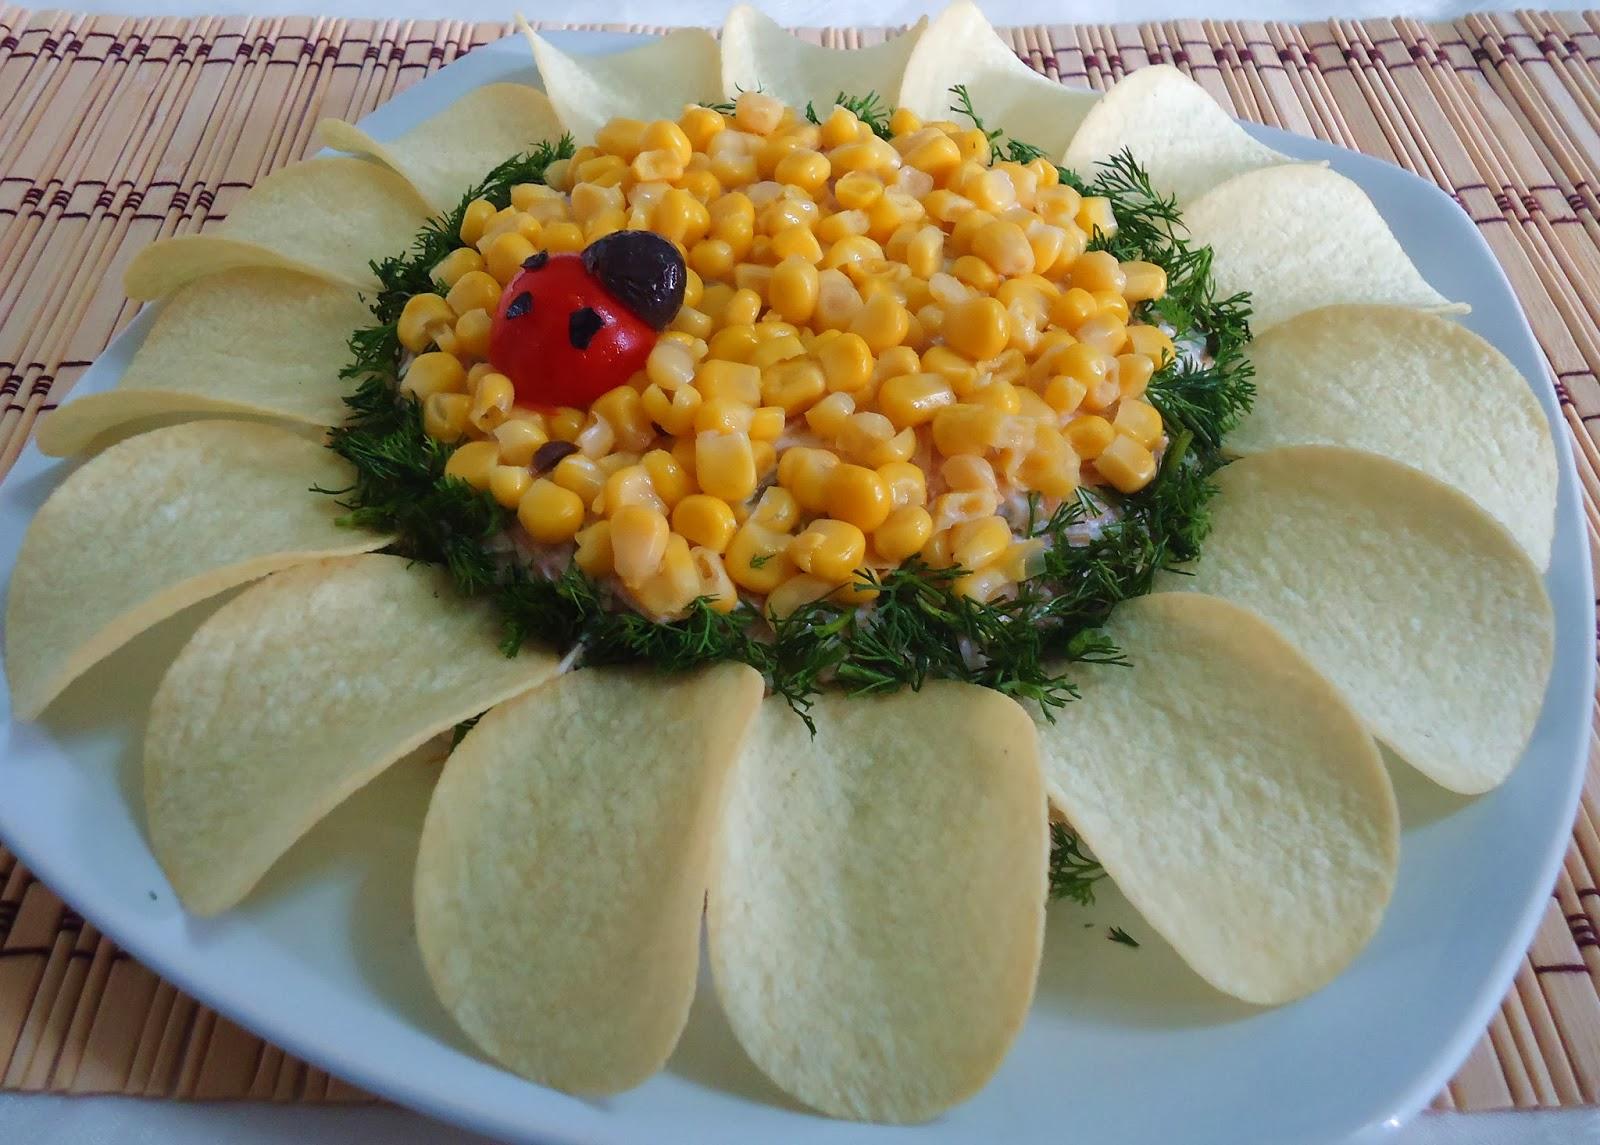 Tavuklu peynir çorbası: Nazik bir ilk yemek tarifi